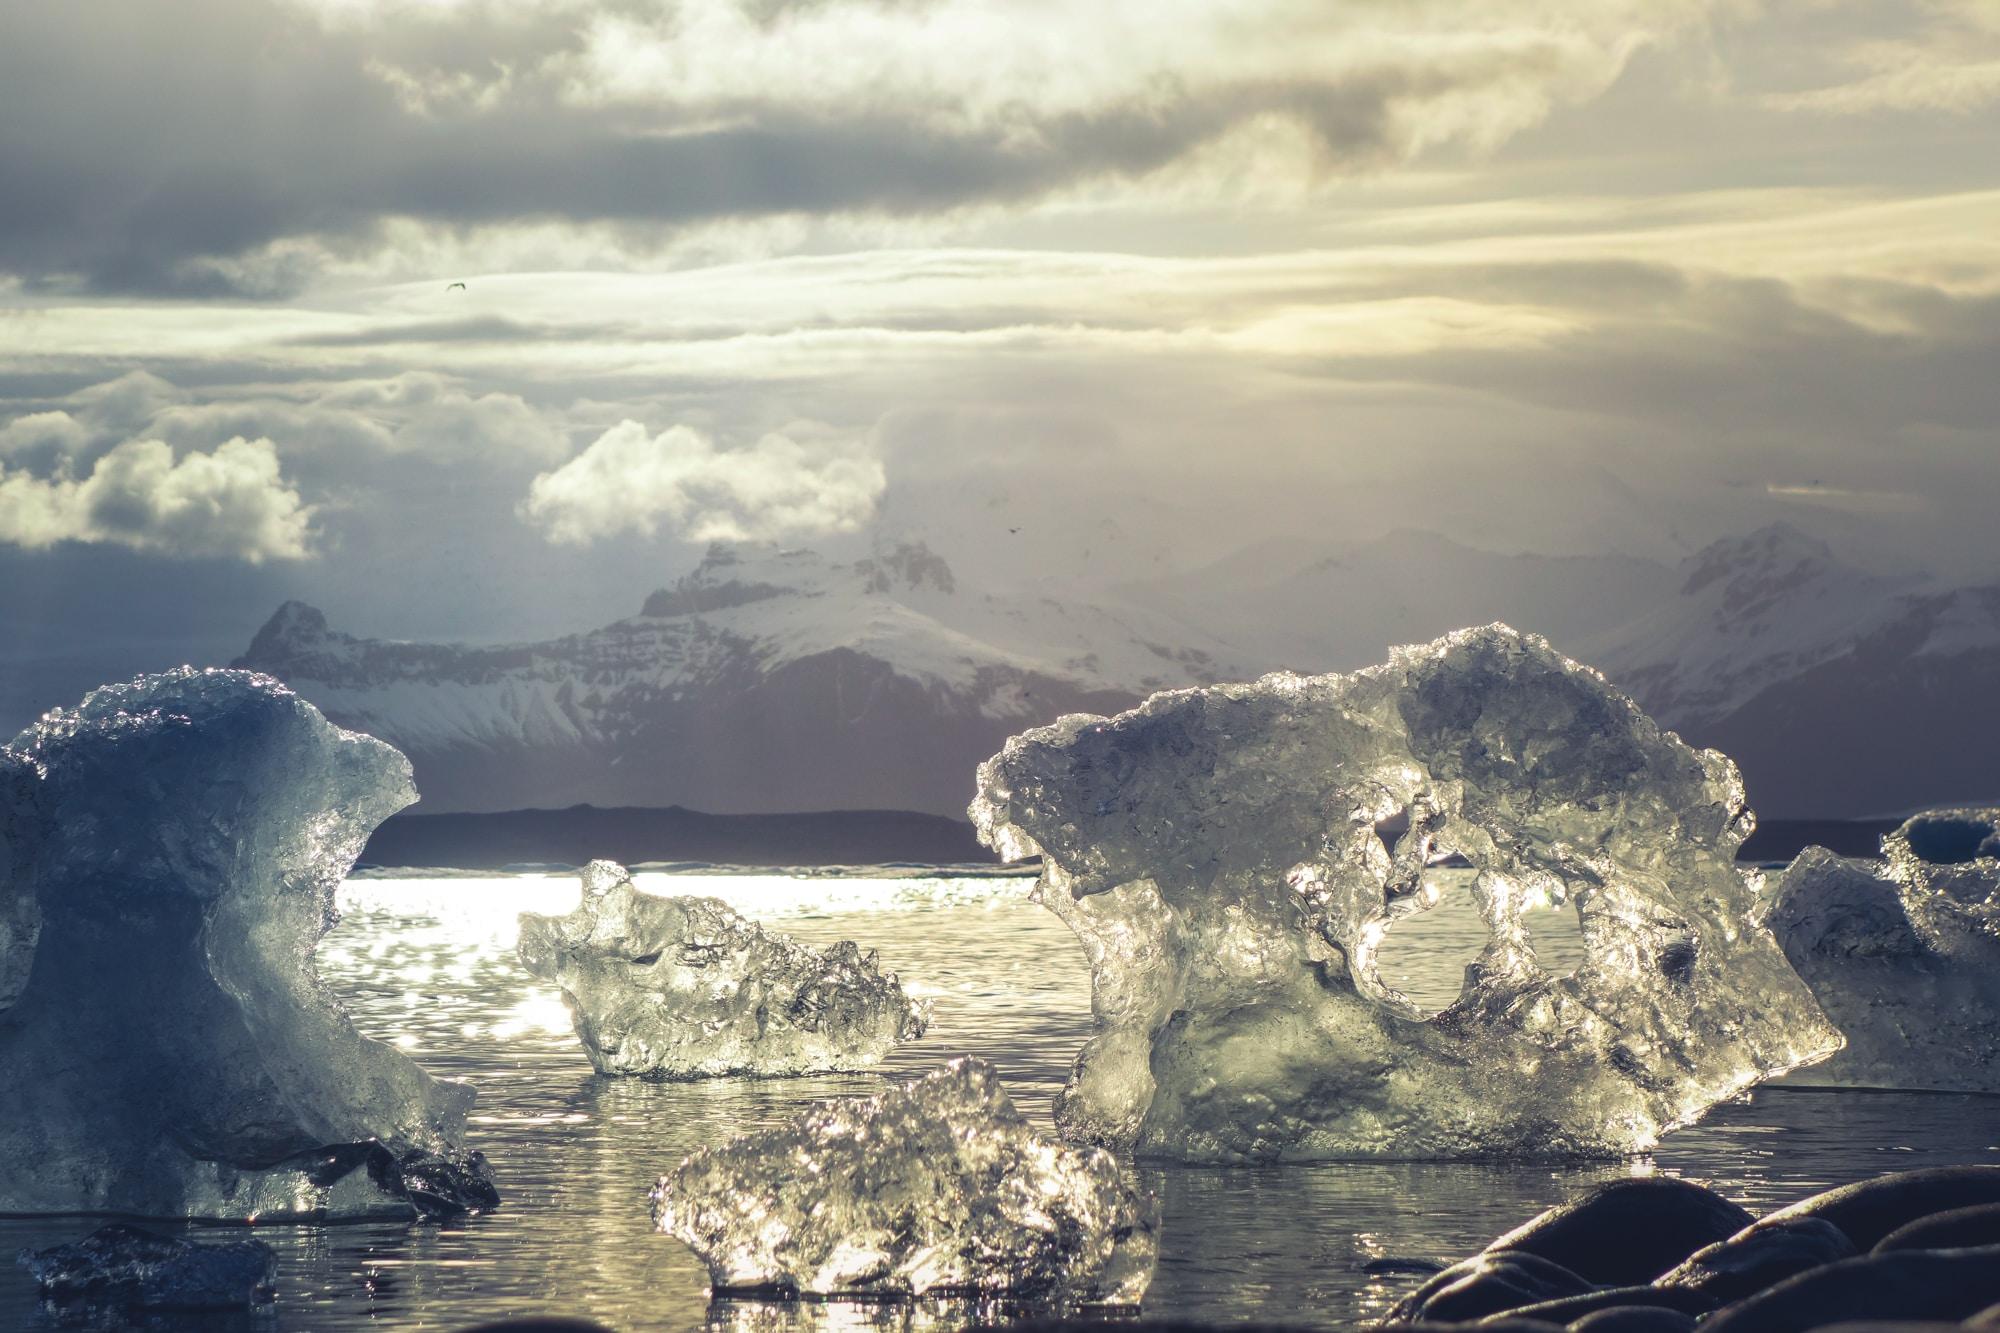 islet rock during daytime